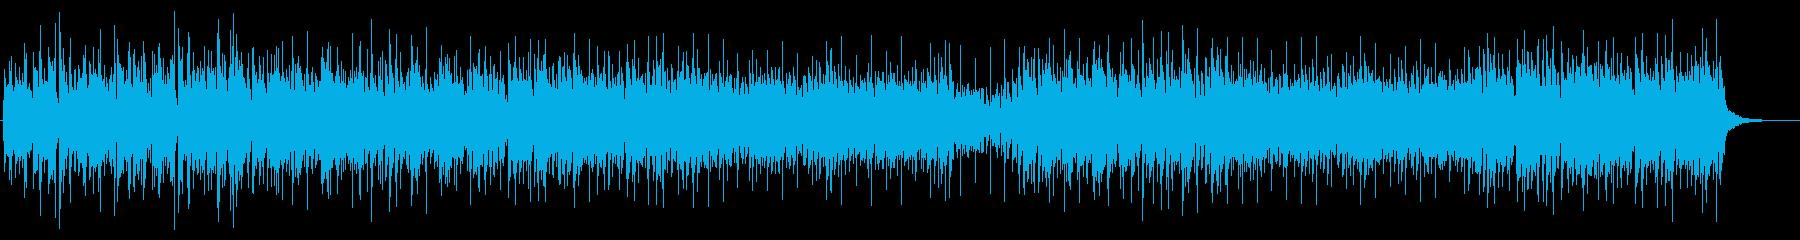 ポジティブBGM 優しく温かい響きの再生済みの波形